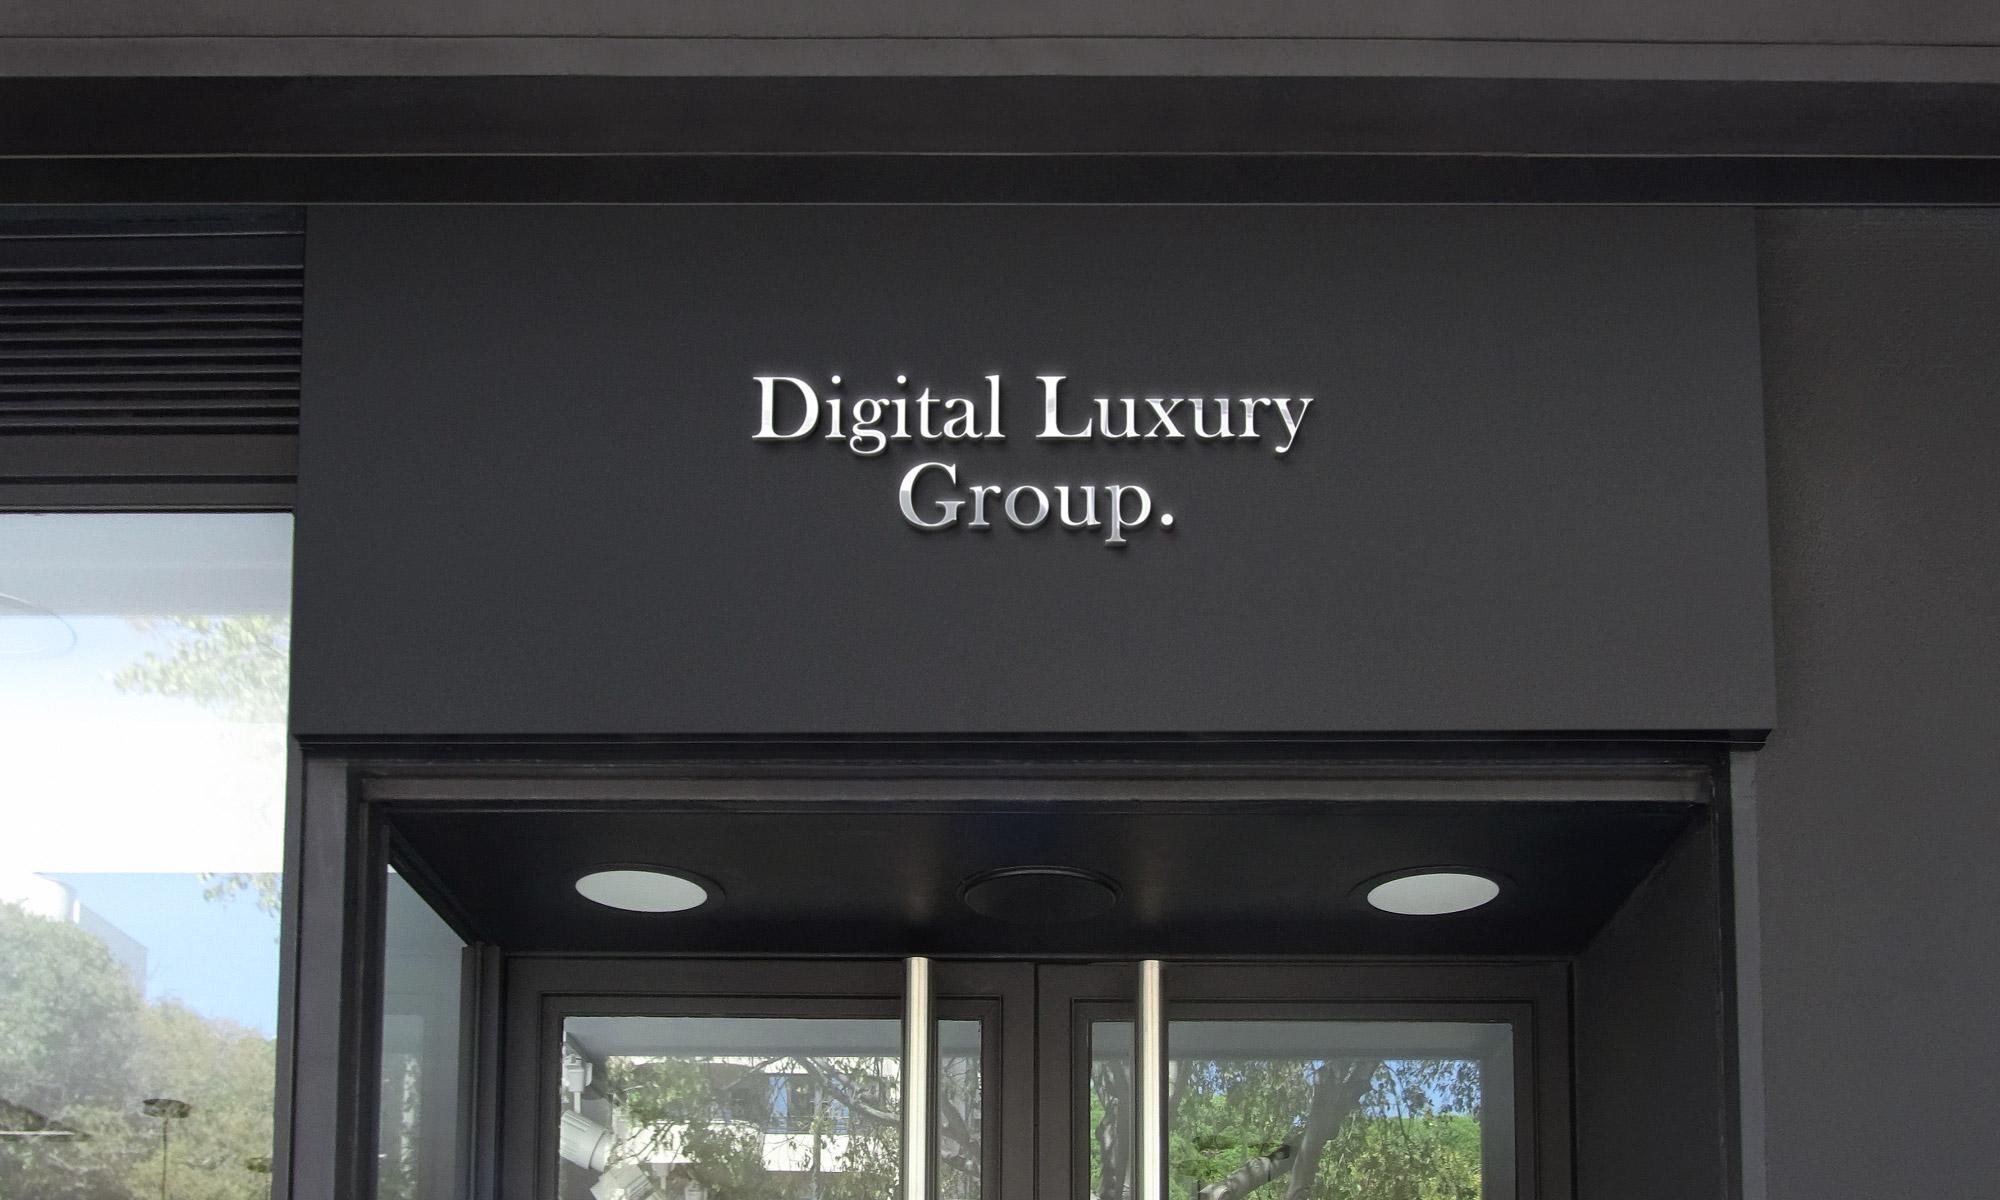 Digital Luxury Group signage